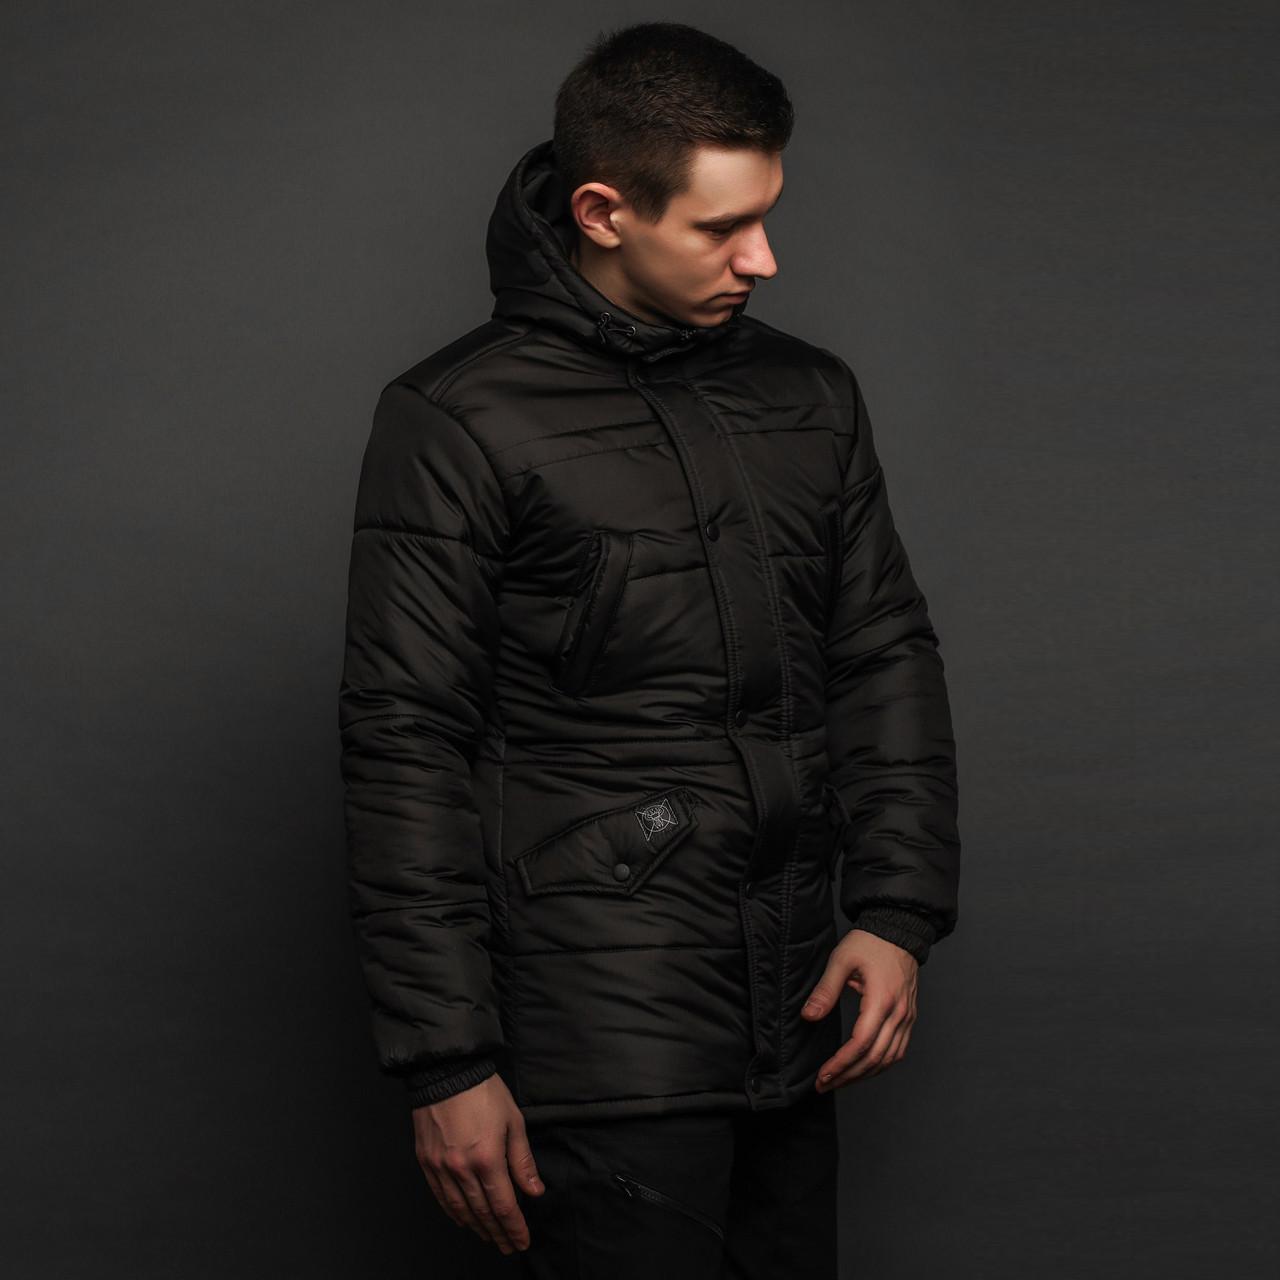 Зимова куртка парка чоловіча чорна модель Бізон (Bizon) від бренду ТУР розмір S, M, L, XL, XXL